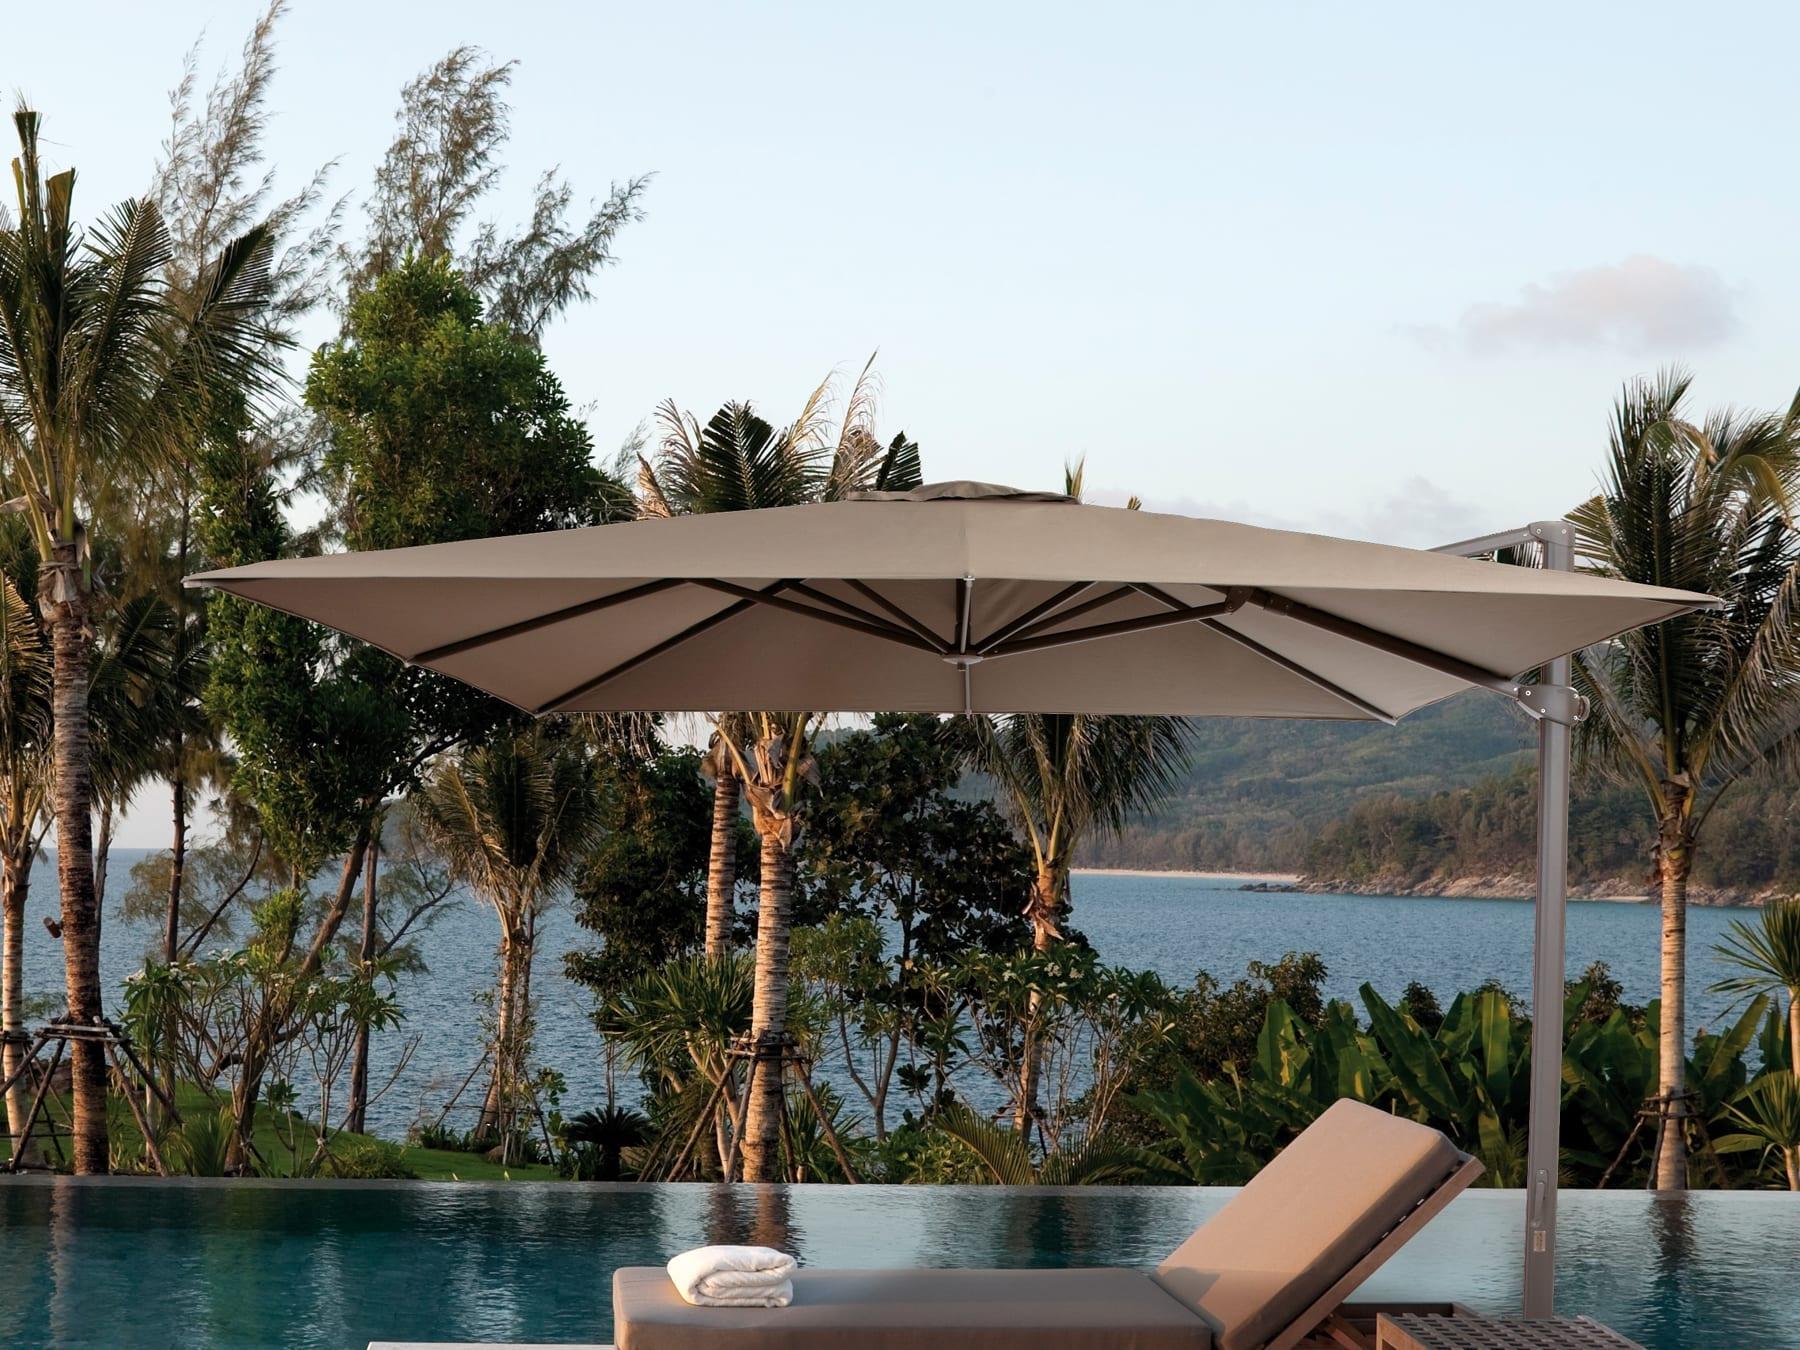 Jardinico Aruba Umbrella available at McKenzie & Willis